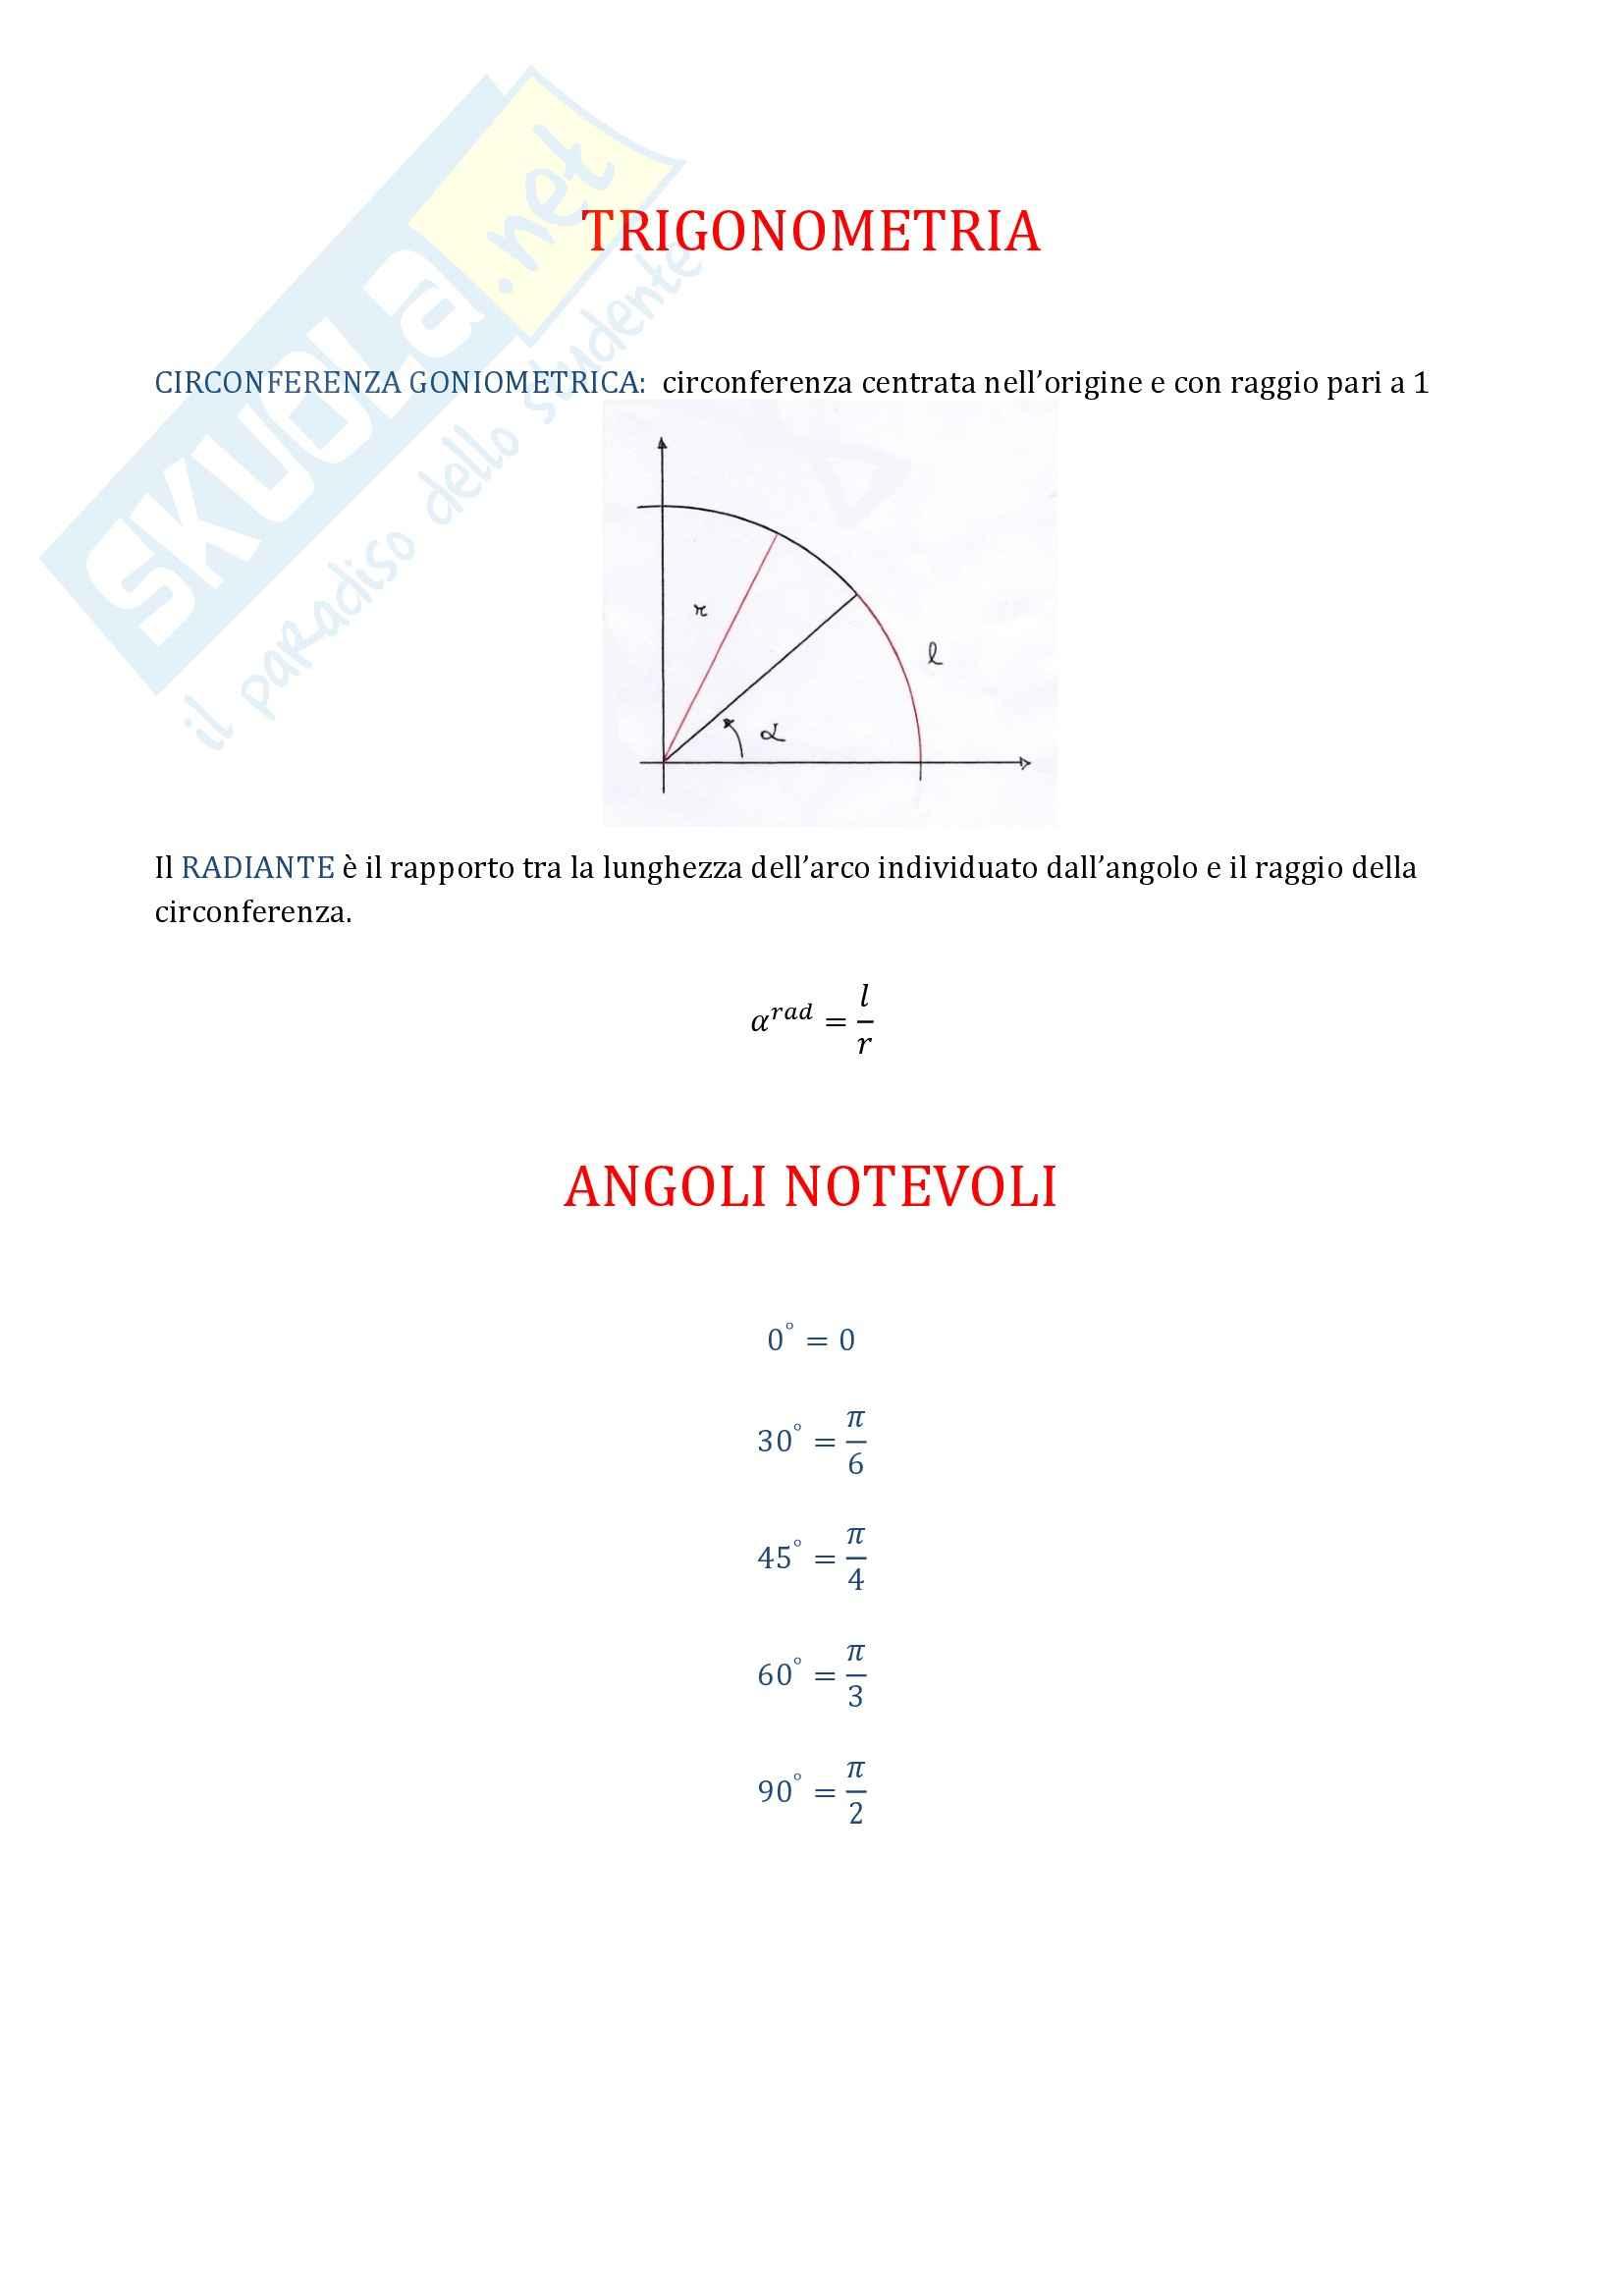 Analisi matematica 1 - Funzioni Trigonometriche